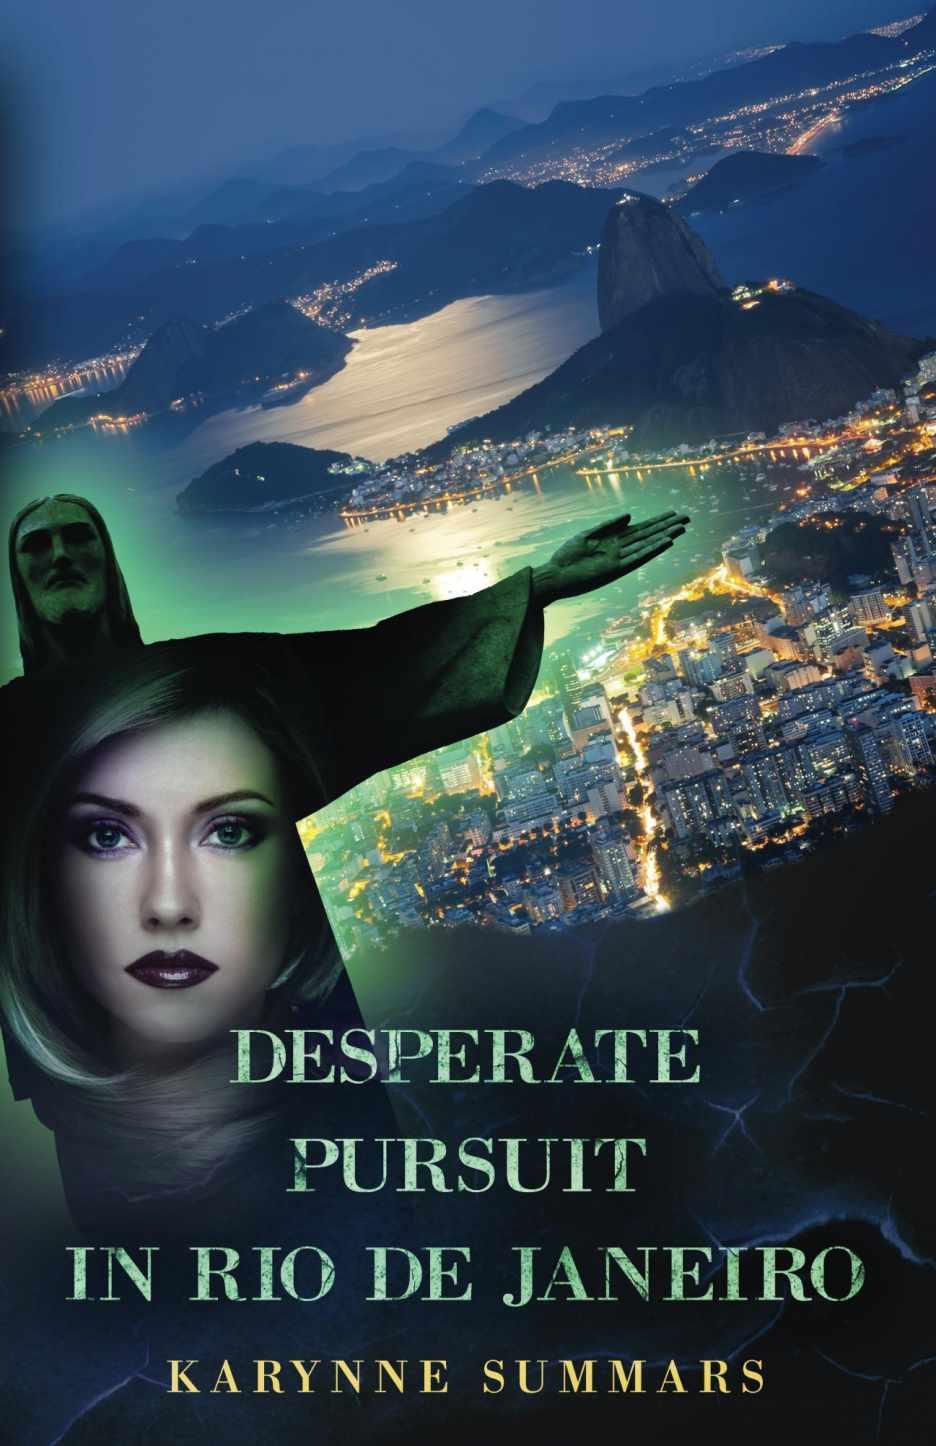 Desperate Pursuit in Rio